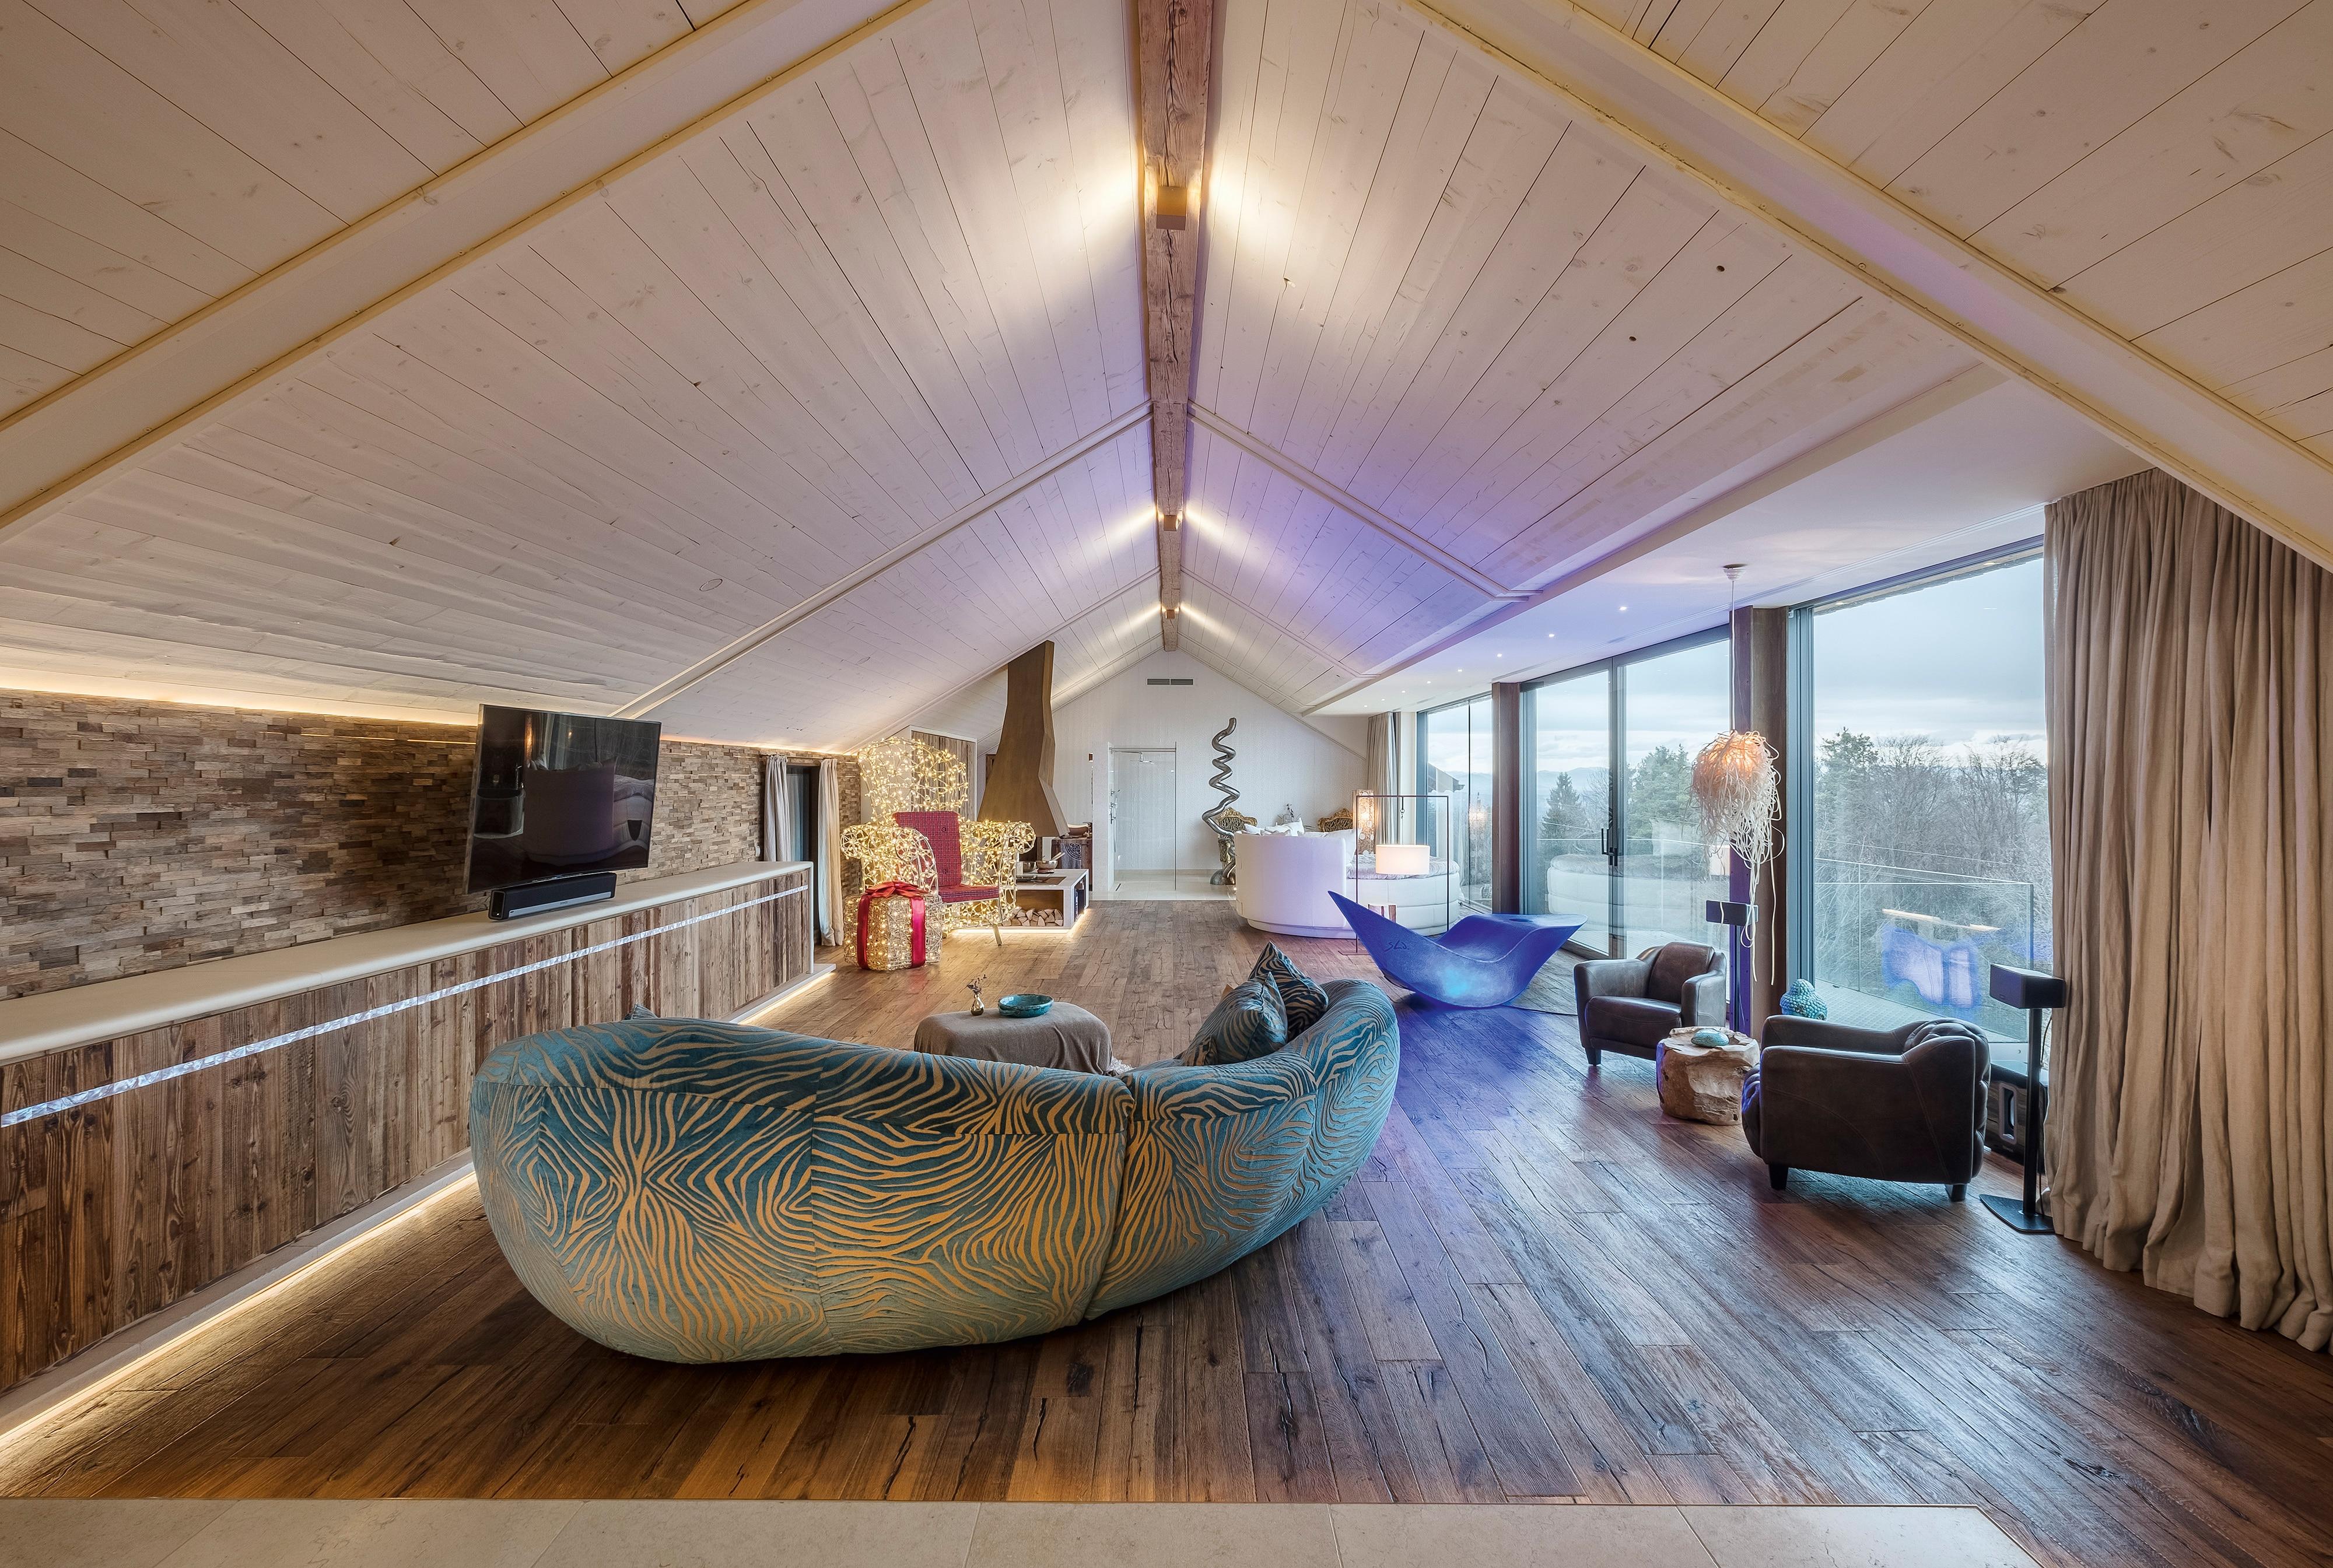 ihre wellness oase in der steiermark das golden hill loft. Black Bedroom Furniture Sets. Home Design Ideas